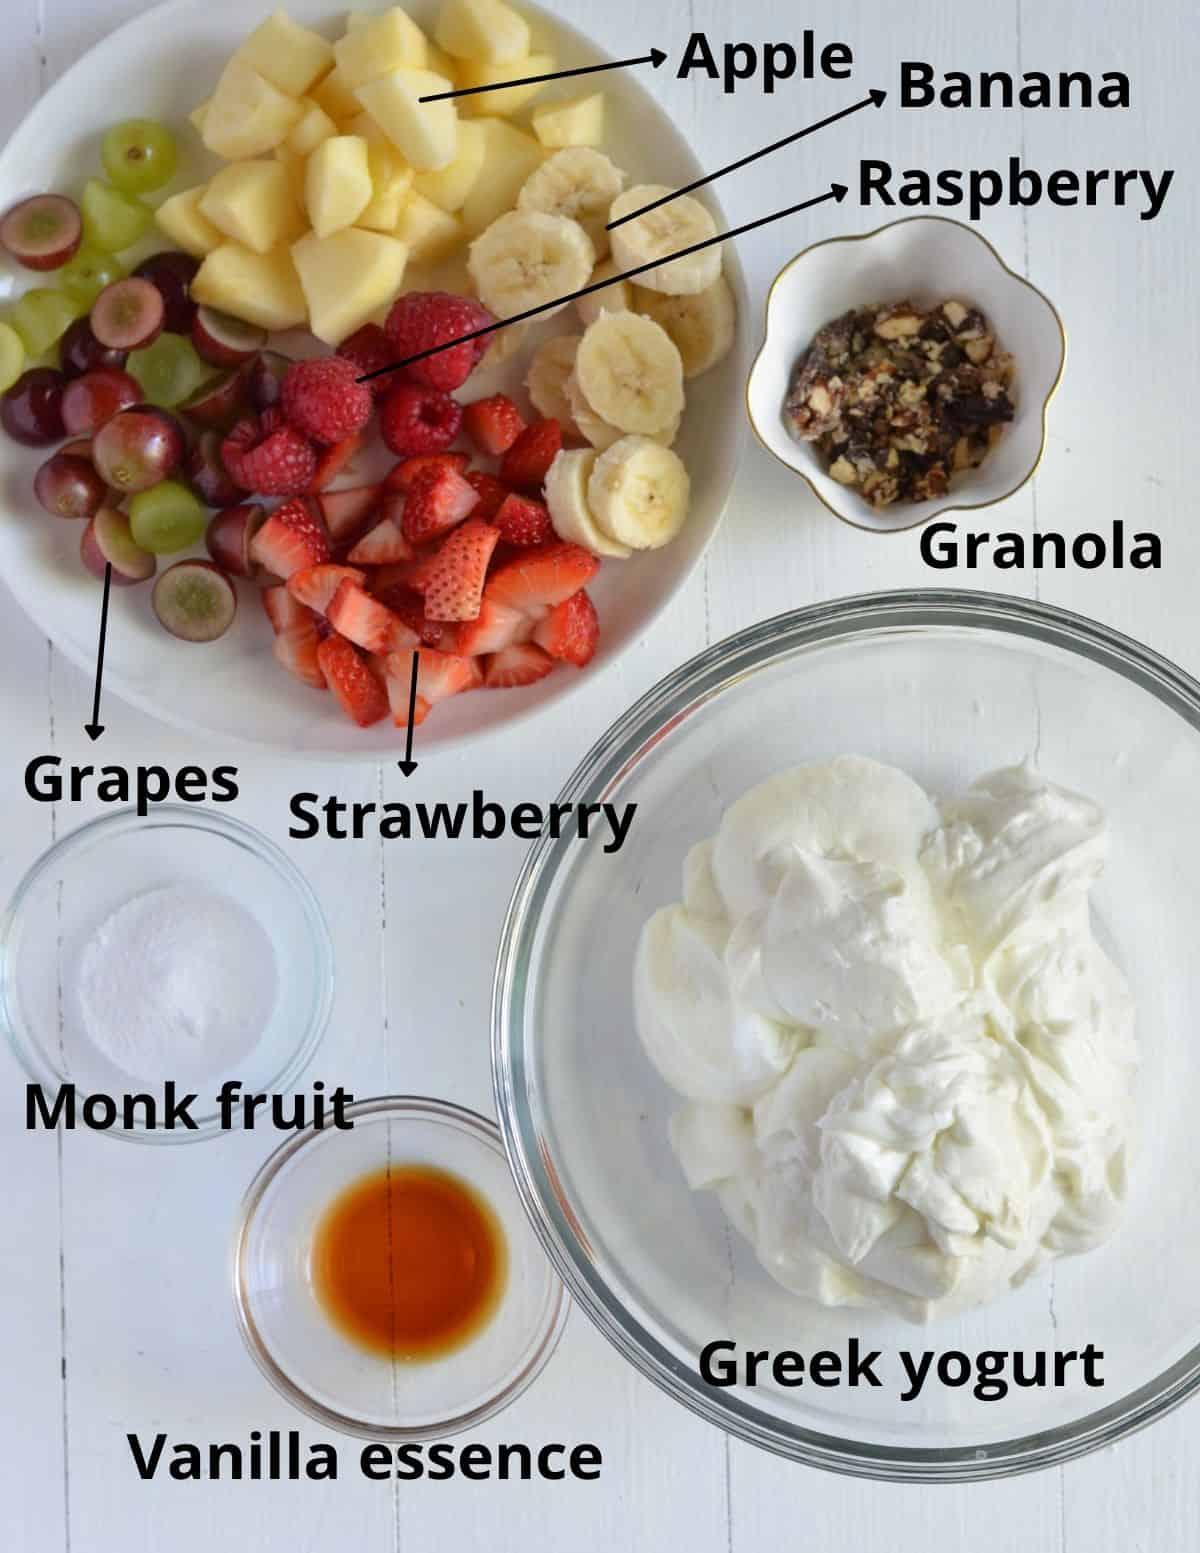 ingredients to make fruit salad with yogurt